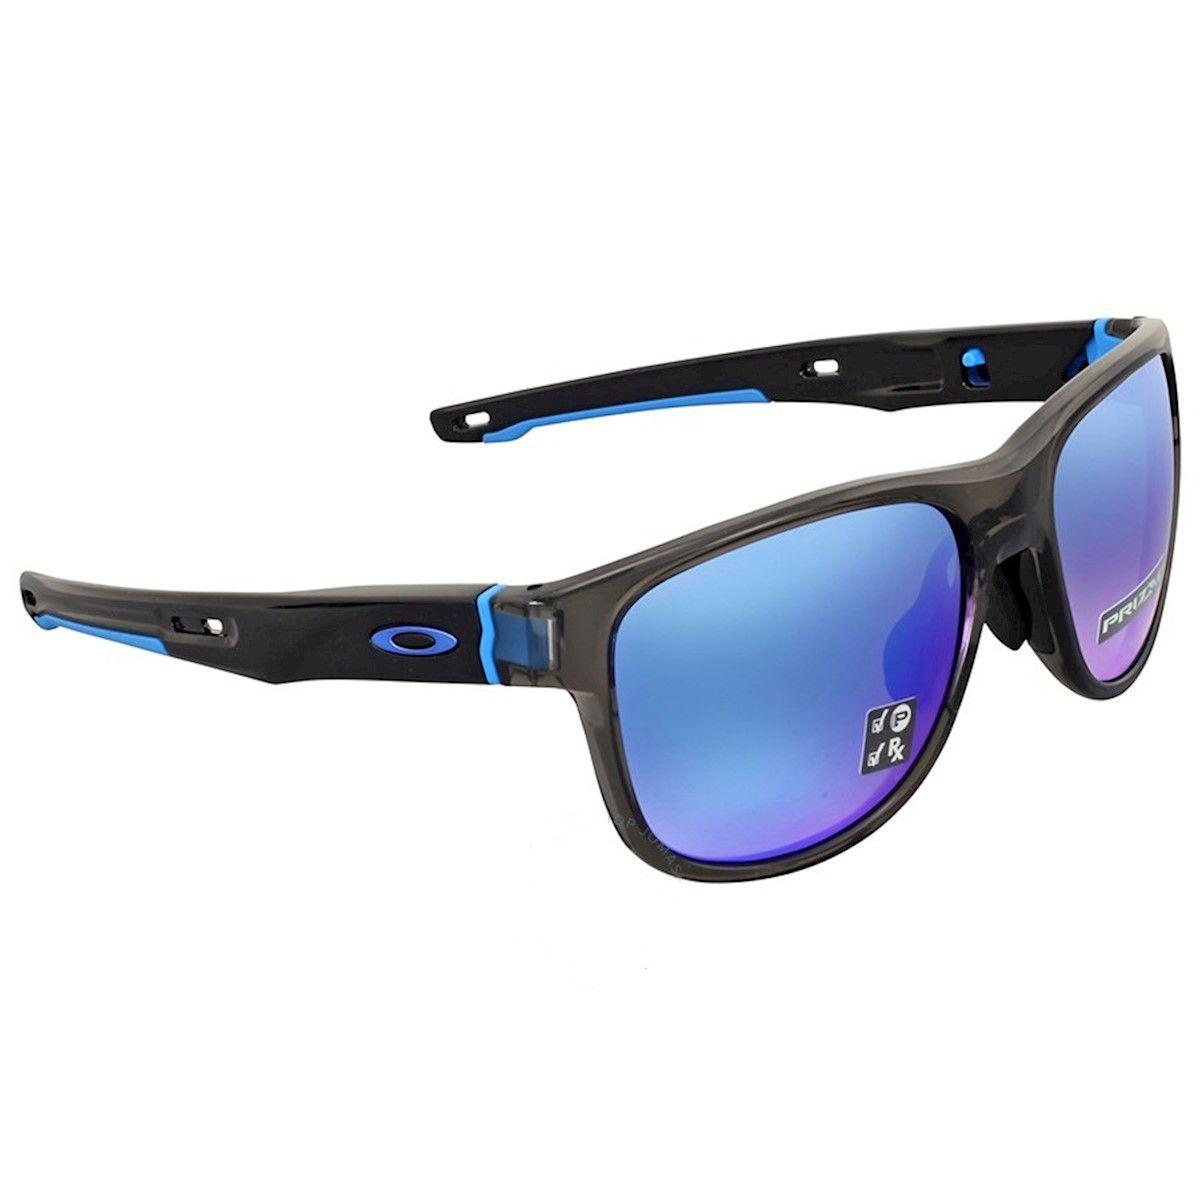 Óculos de Sol Oakley Crossrange Prizm Sapphire